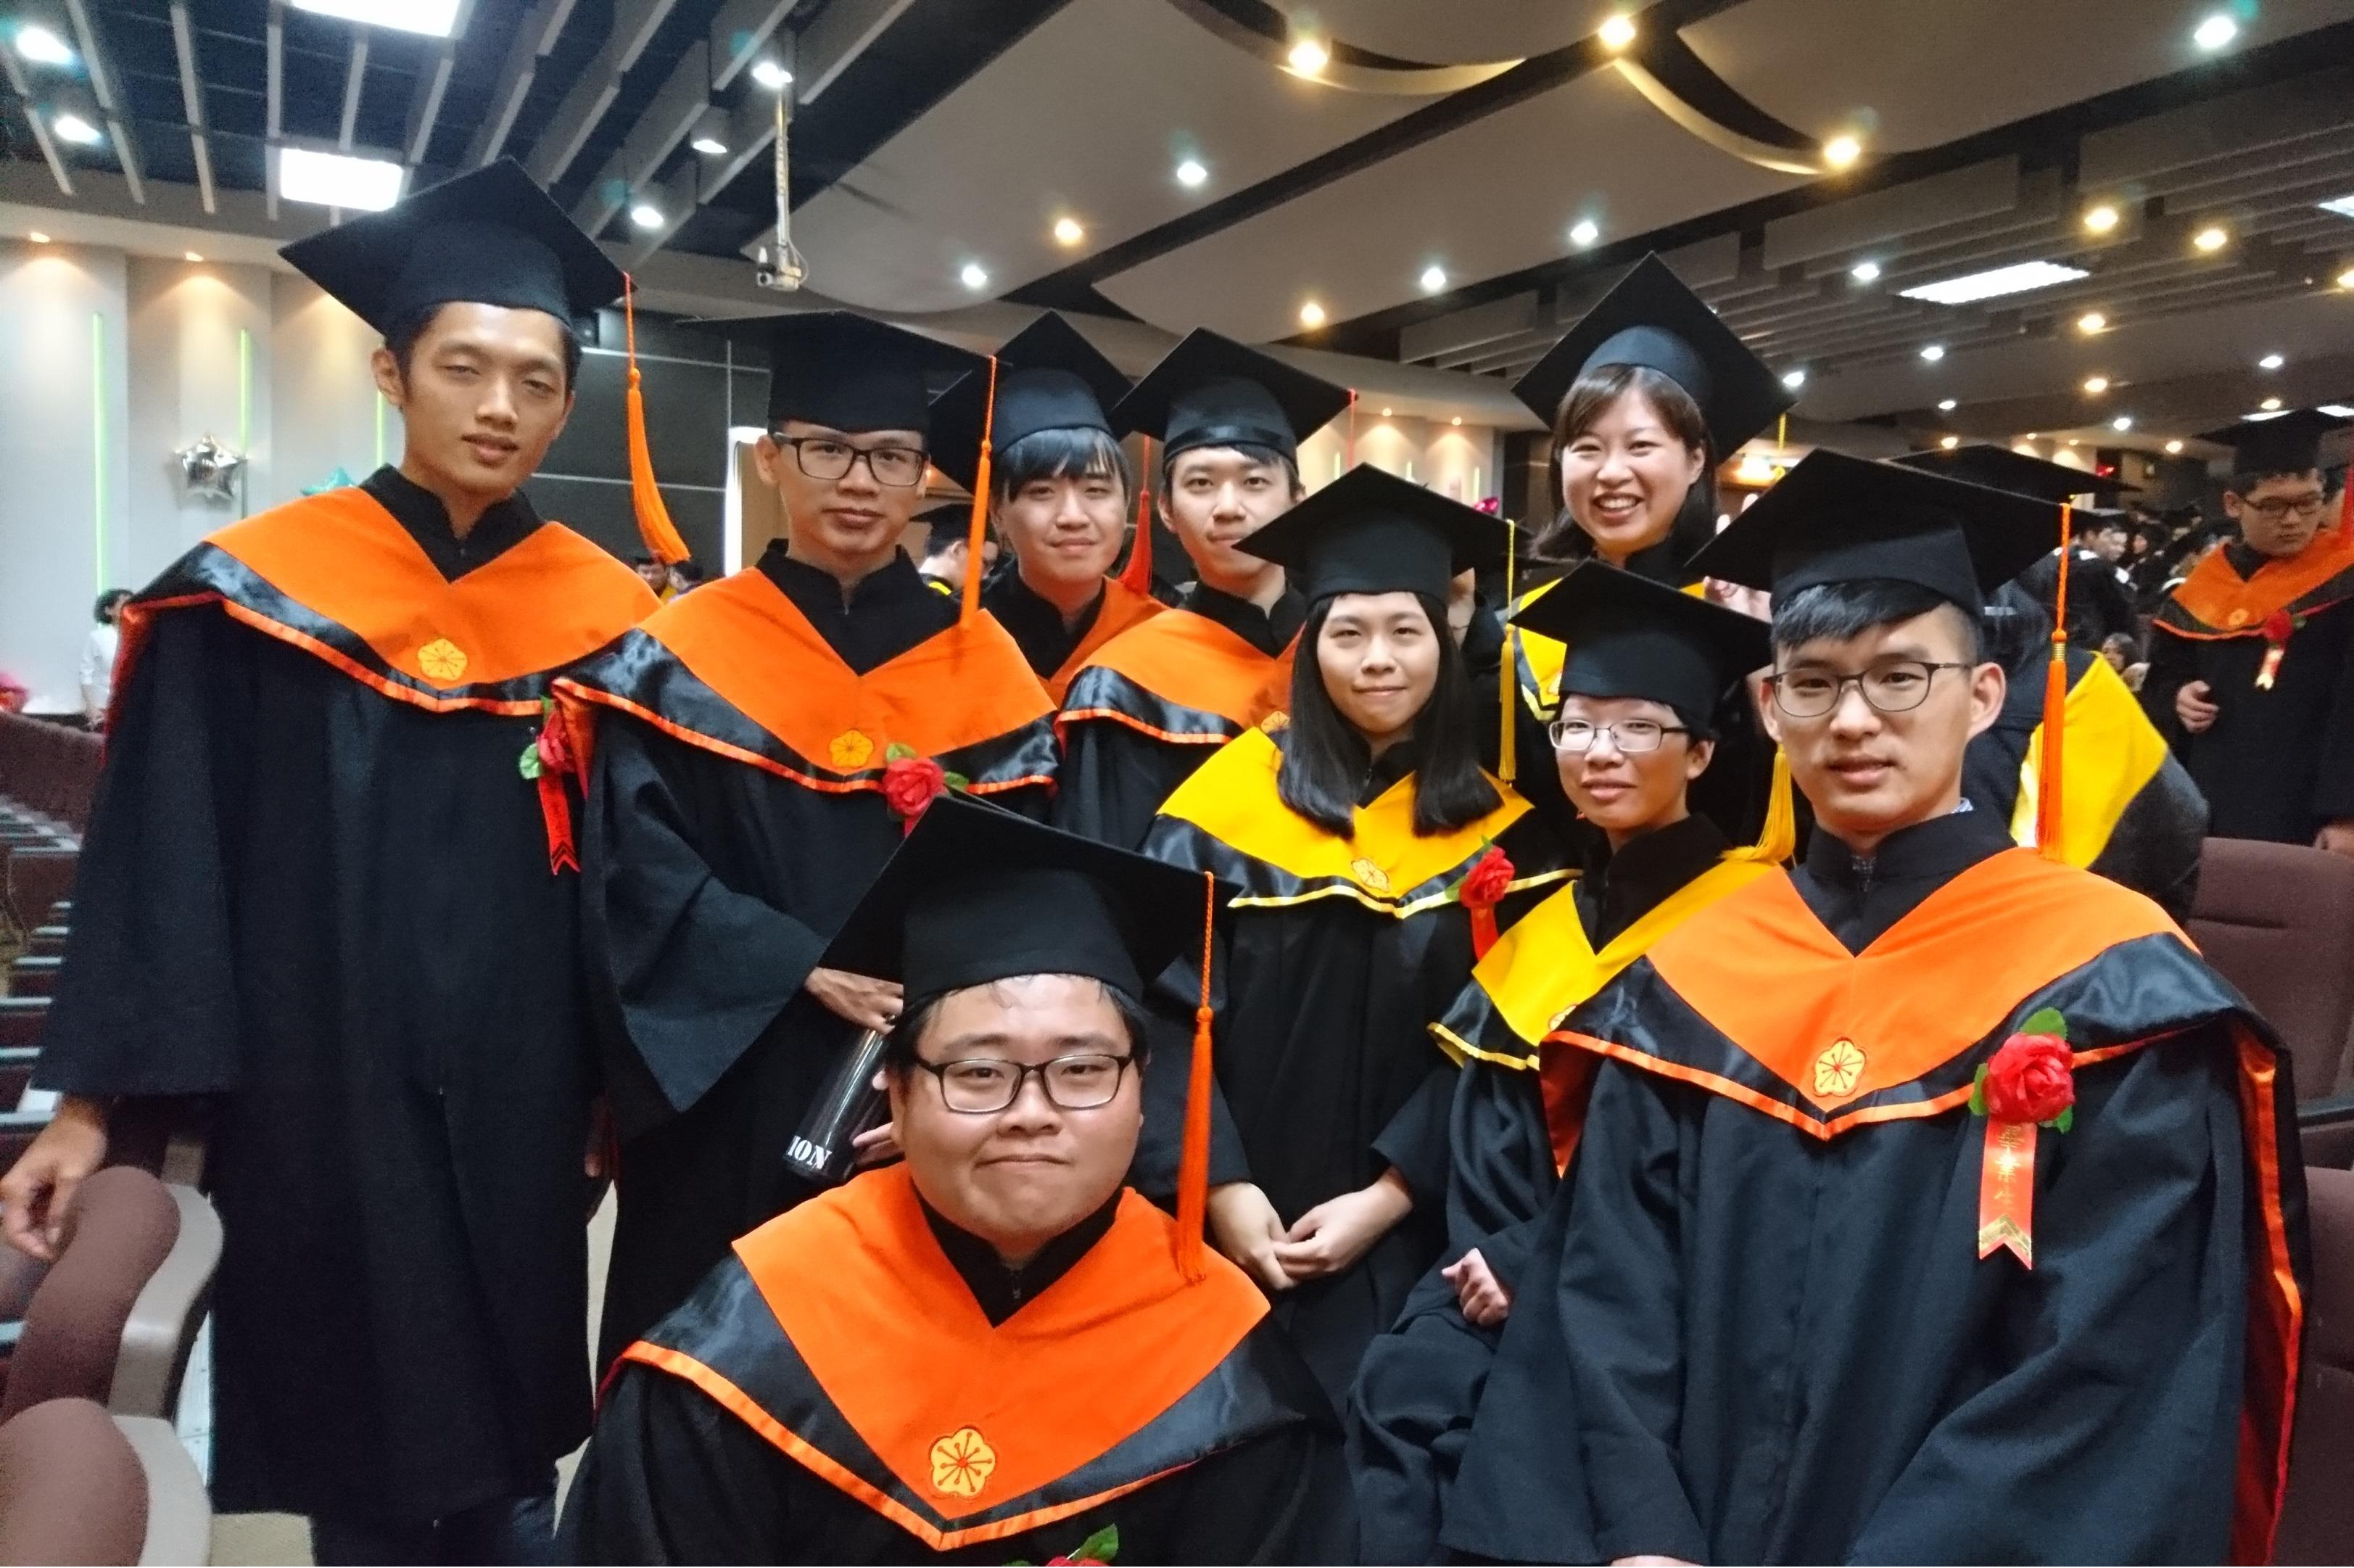 105學年度畢業典禮,學生於大禮堂會場合影(106.6.10)